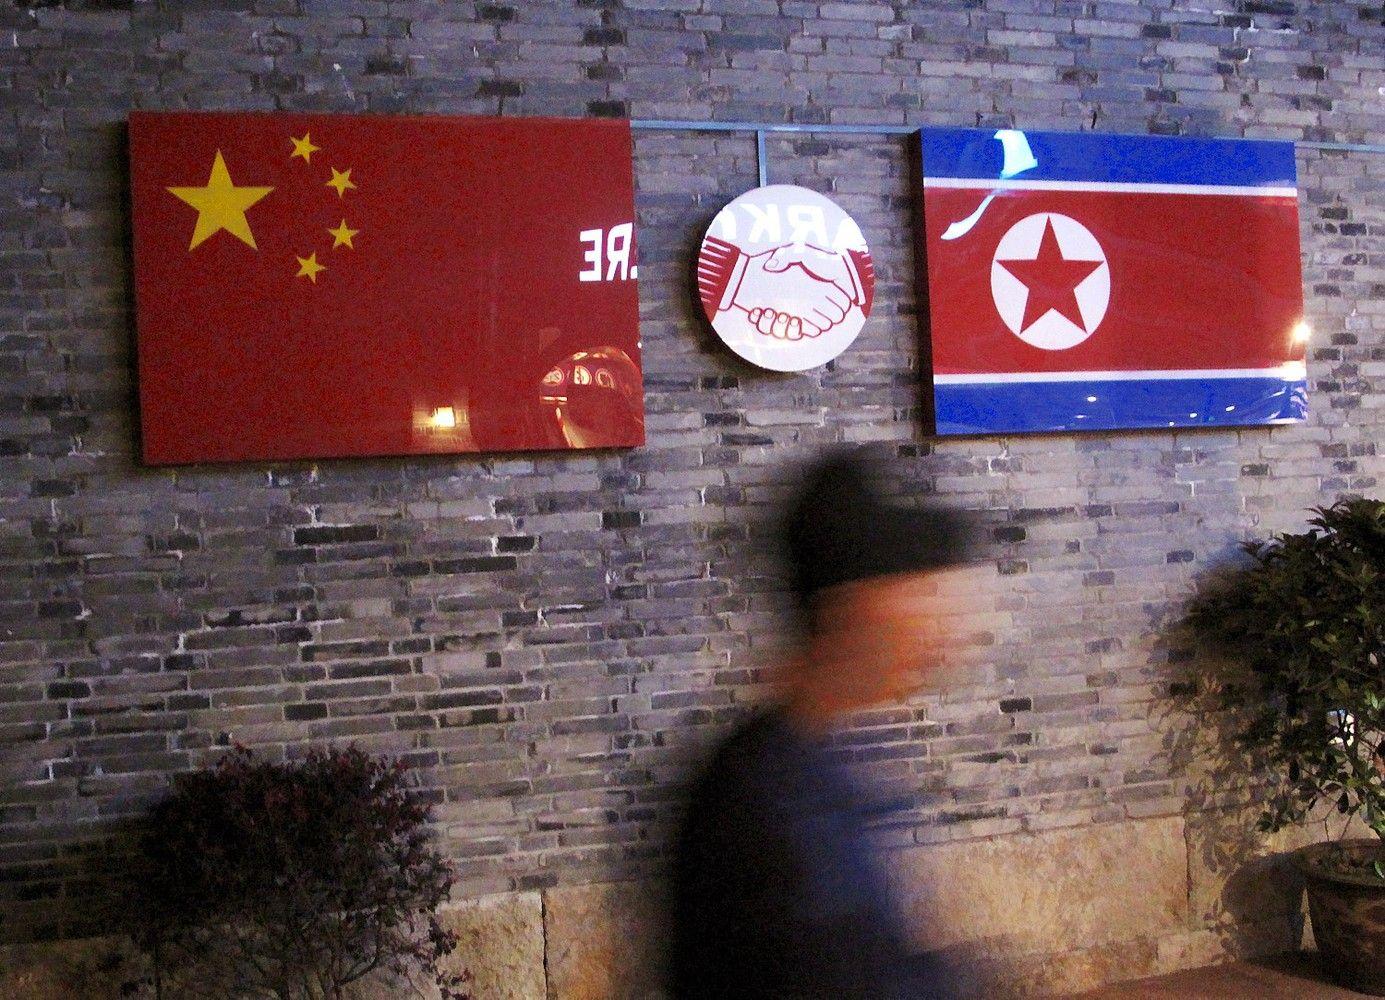 Kinija viena rankabaudžiaŠiaurės Korėją, kita – glosto